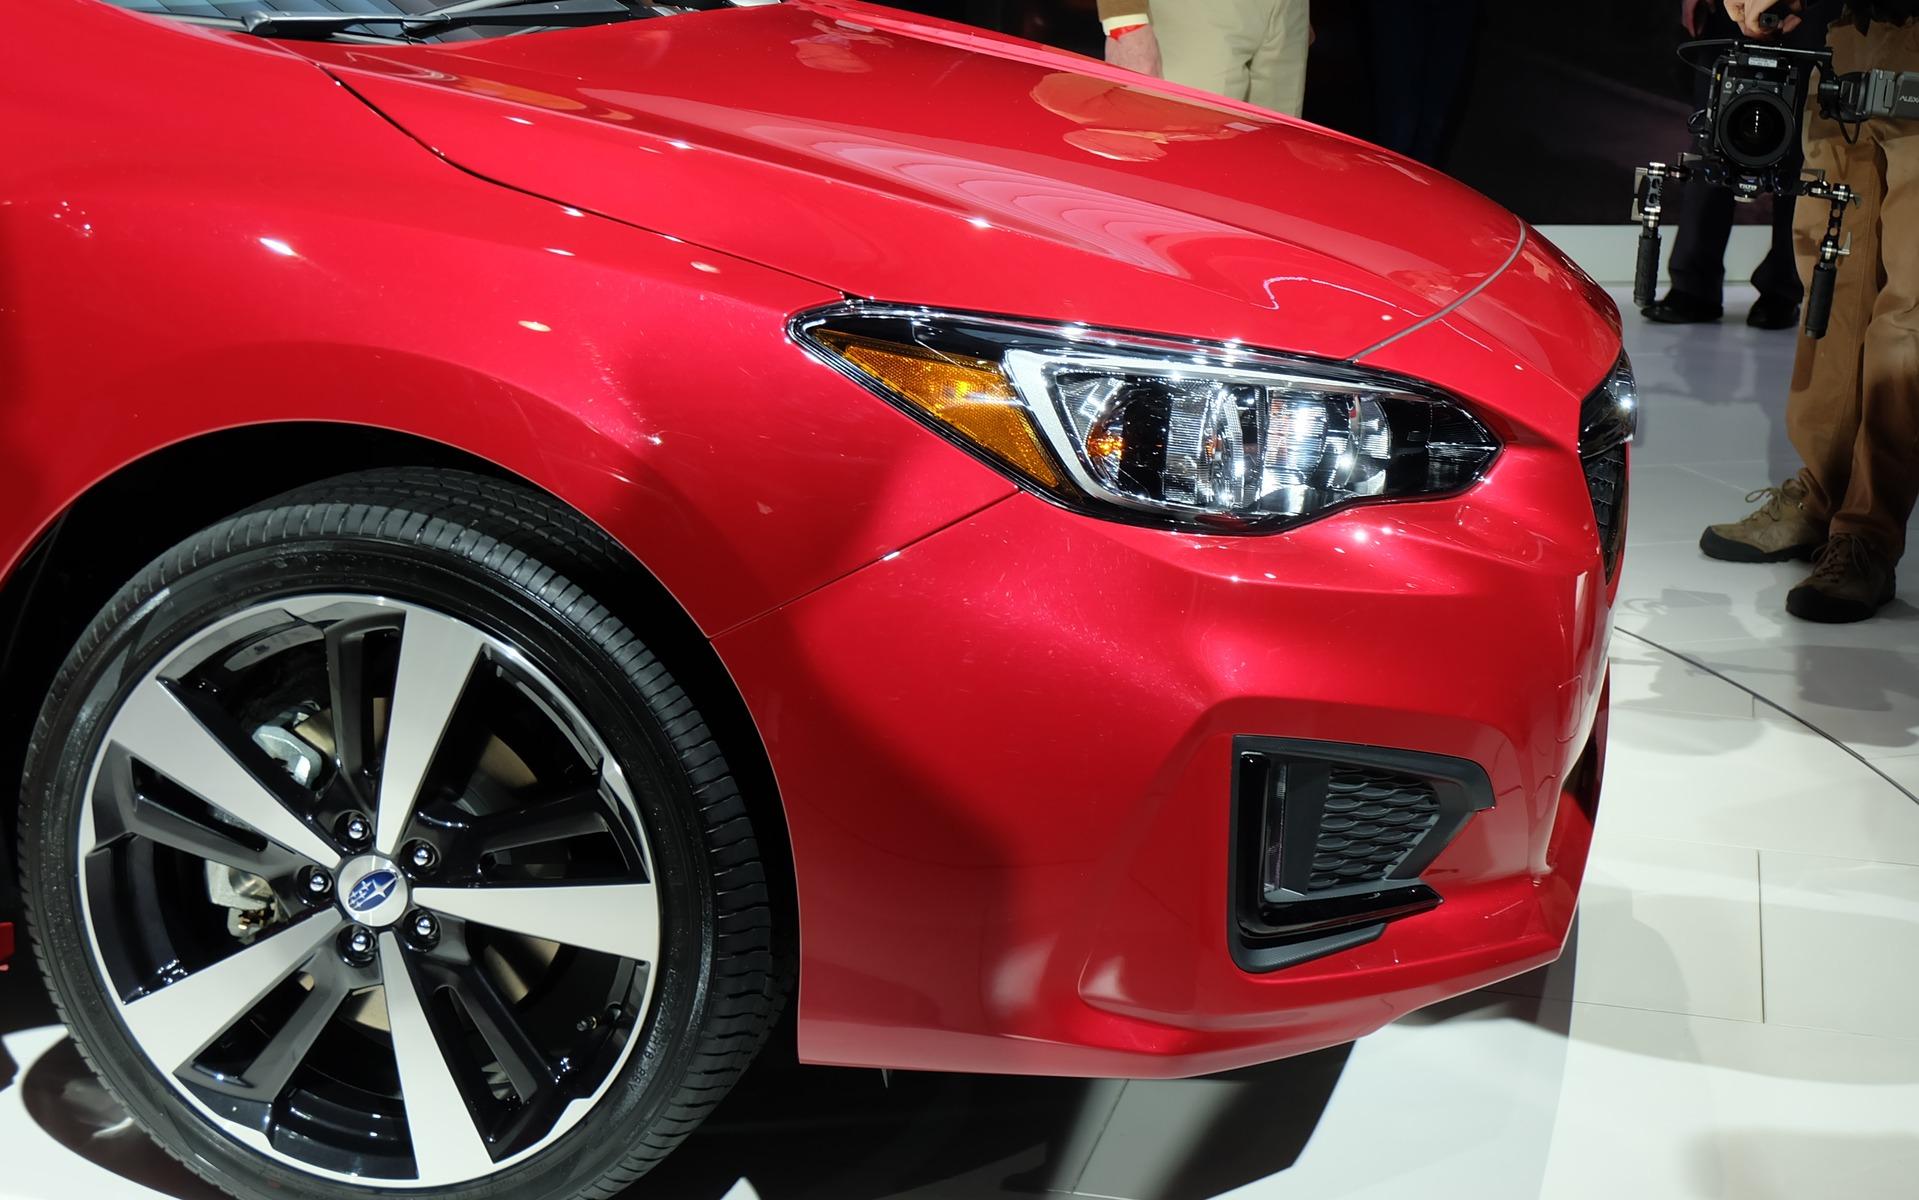 2017 Subaru Impreza Photos 5 13 The Car Guide